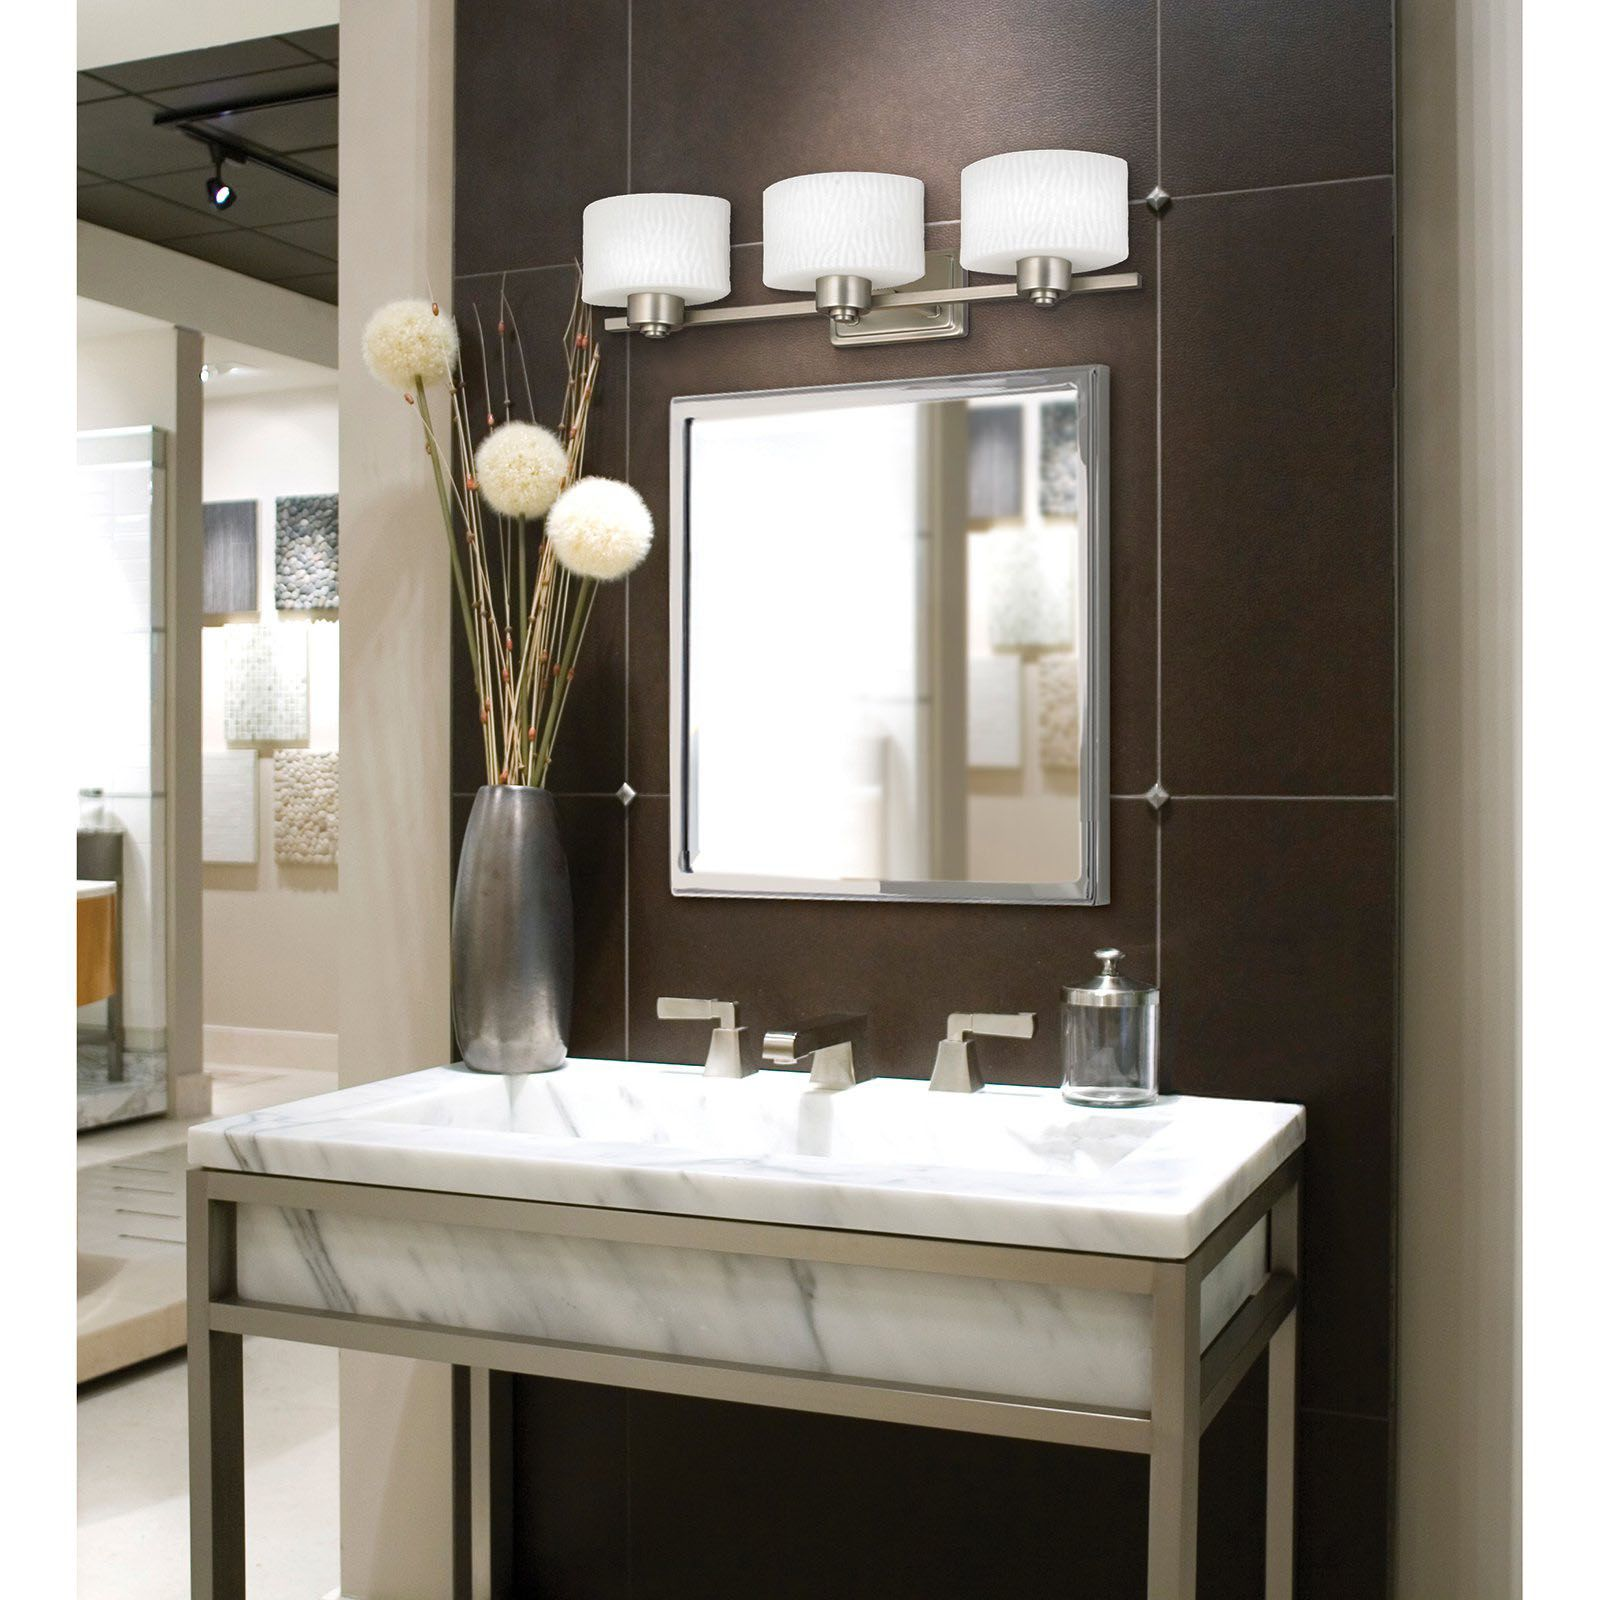 12 Brilliant Bathroom Light Fixture Ideas Contemporary Bathroom Lighting Best Bathroom Lighting Modern Bathroom Vanity Lighting